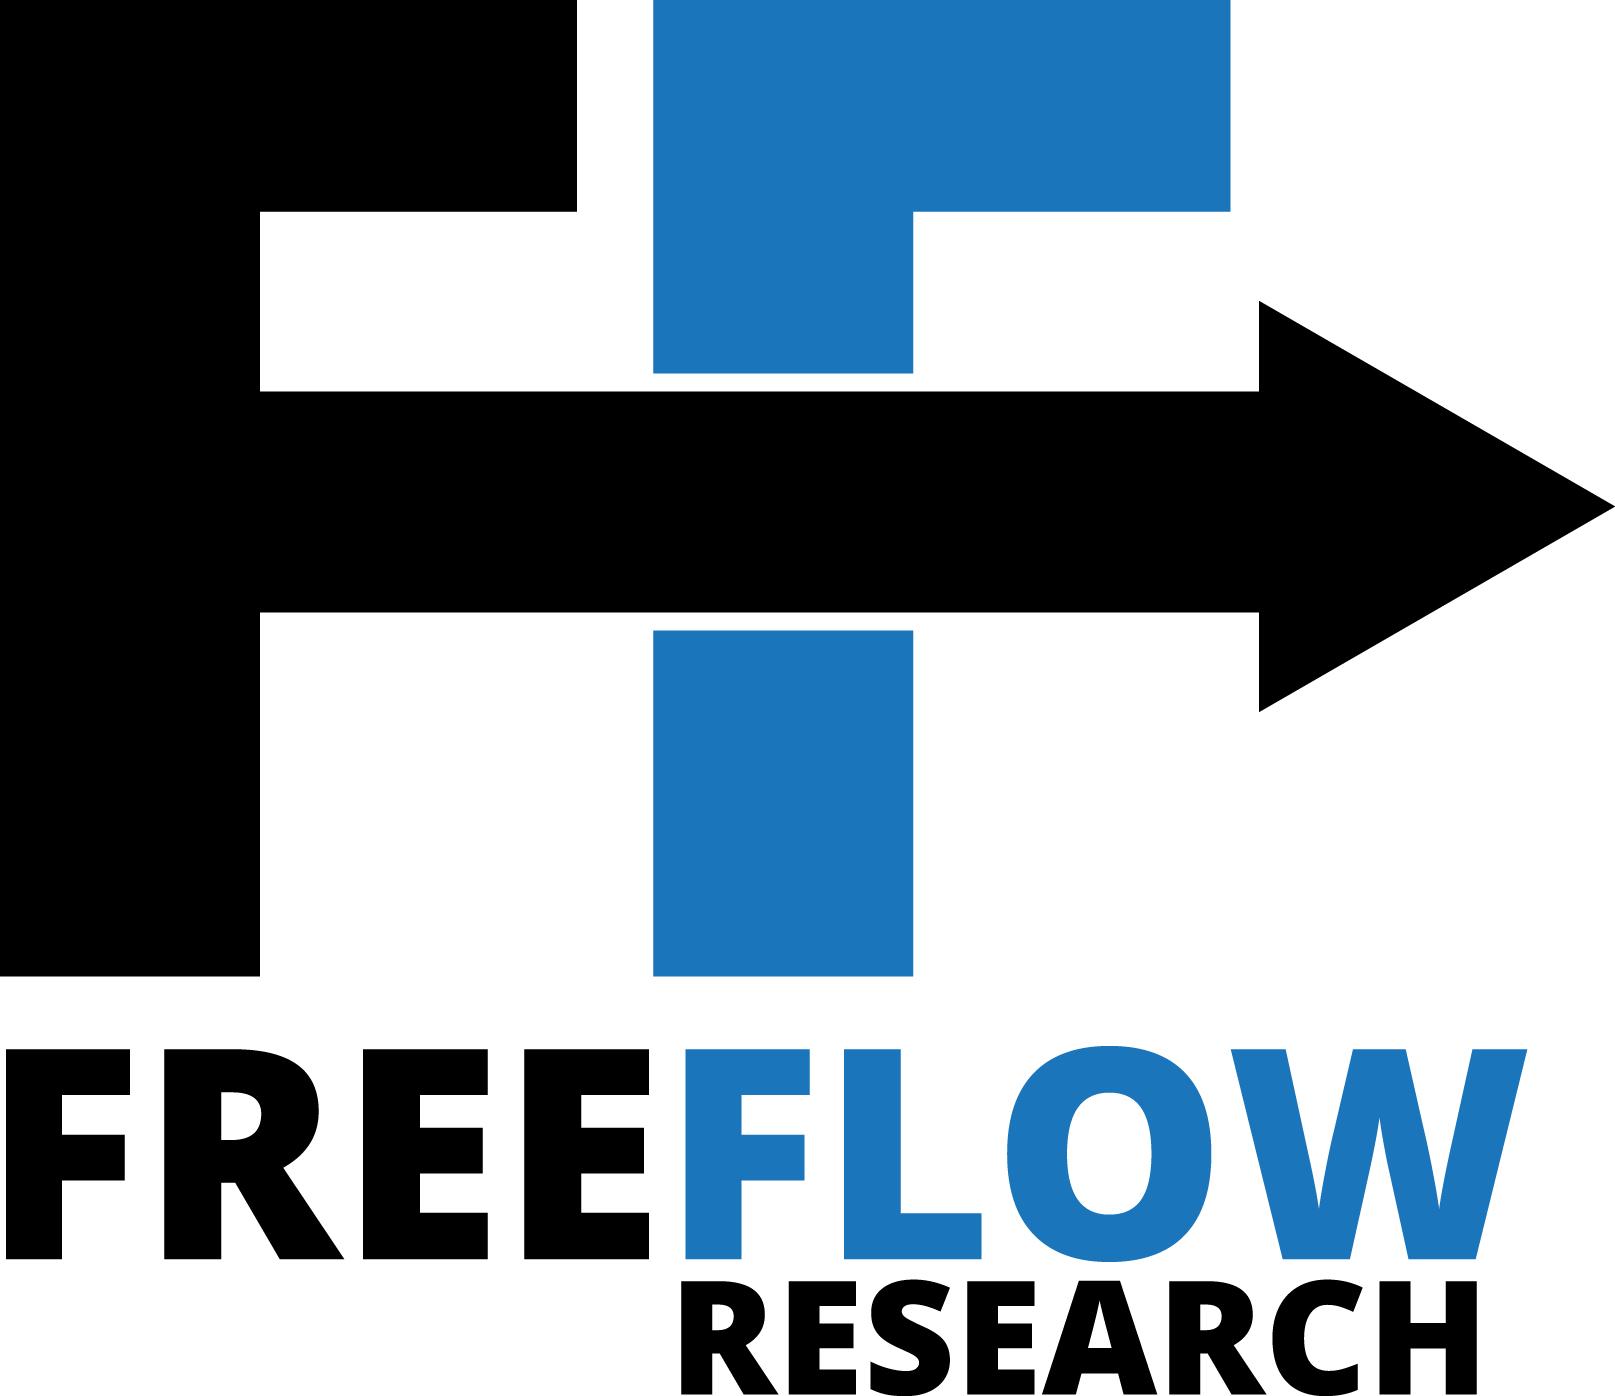 FreeFlow Research Logo